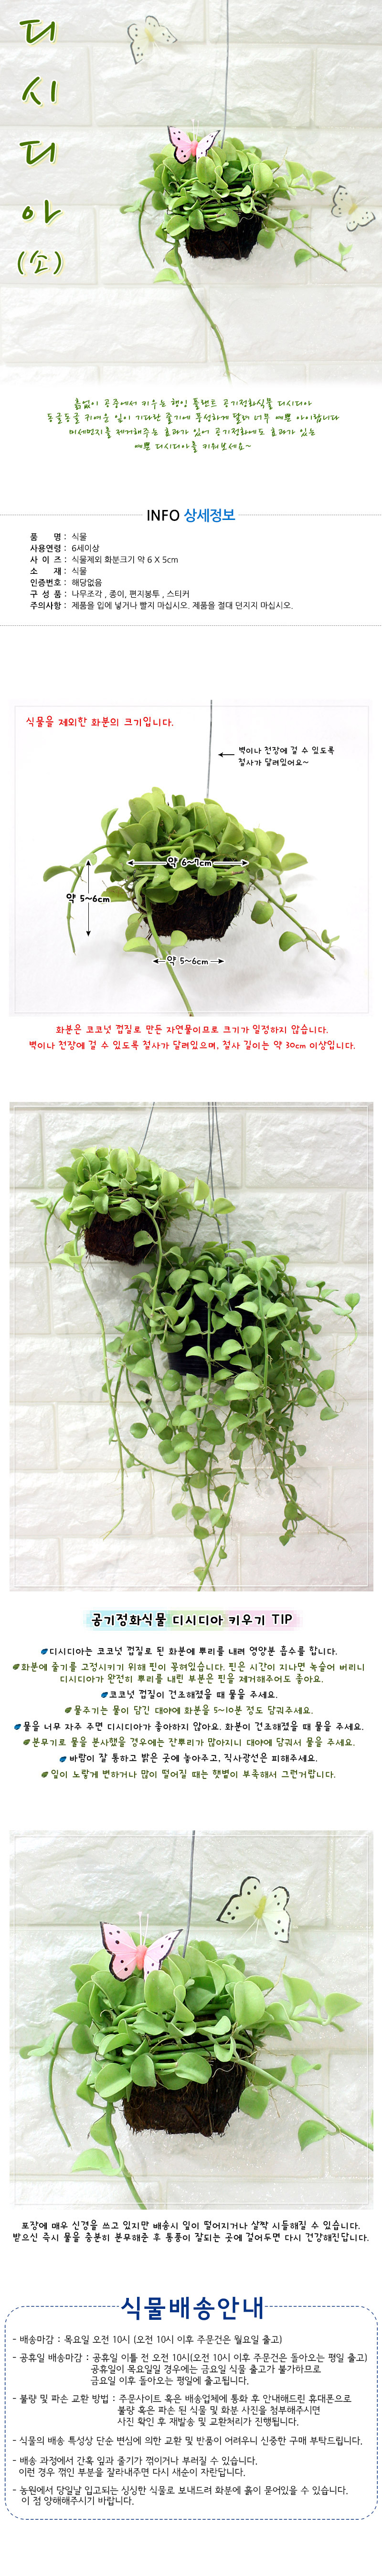 공기정화식물-디시디아(소) - 에코키즈, 8,000원, 허브/다육/선인장, 공기정화식물